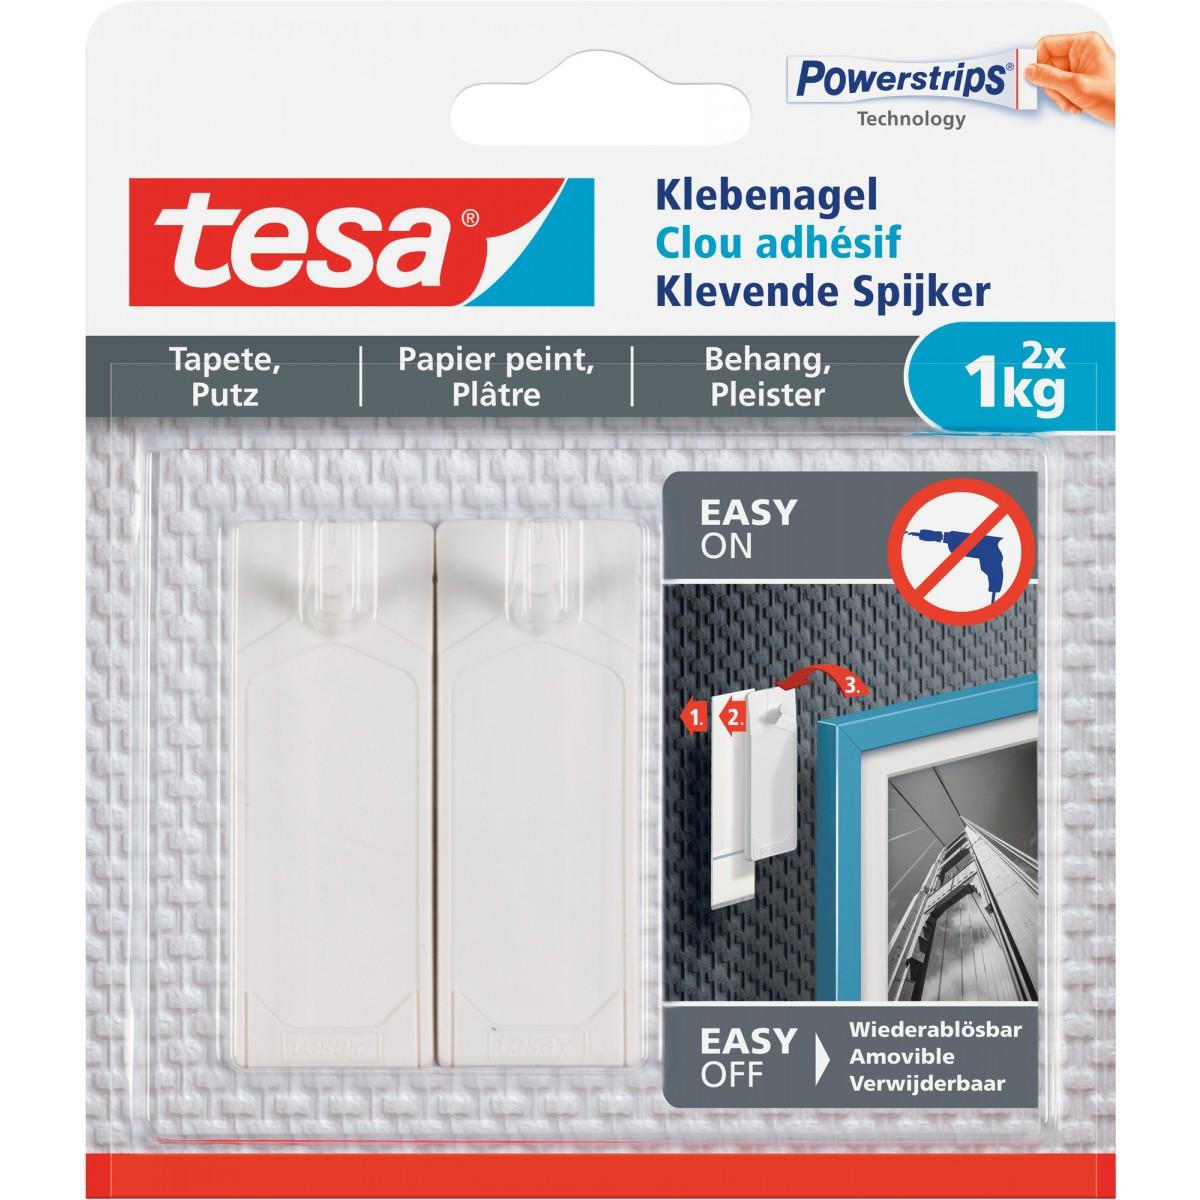 Clou adhésif pour papier peint et plâtre tesa® - 1 kg